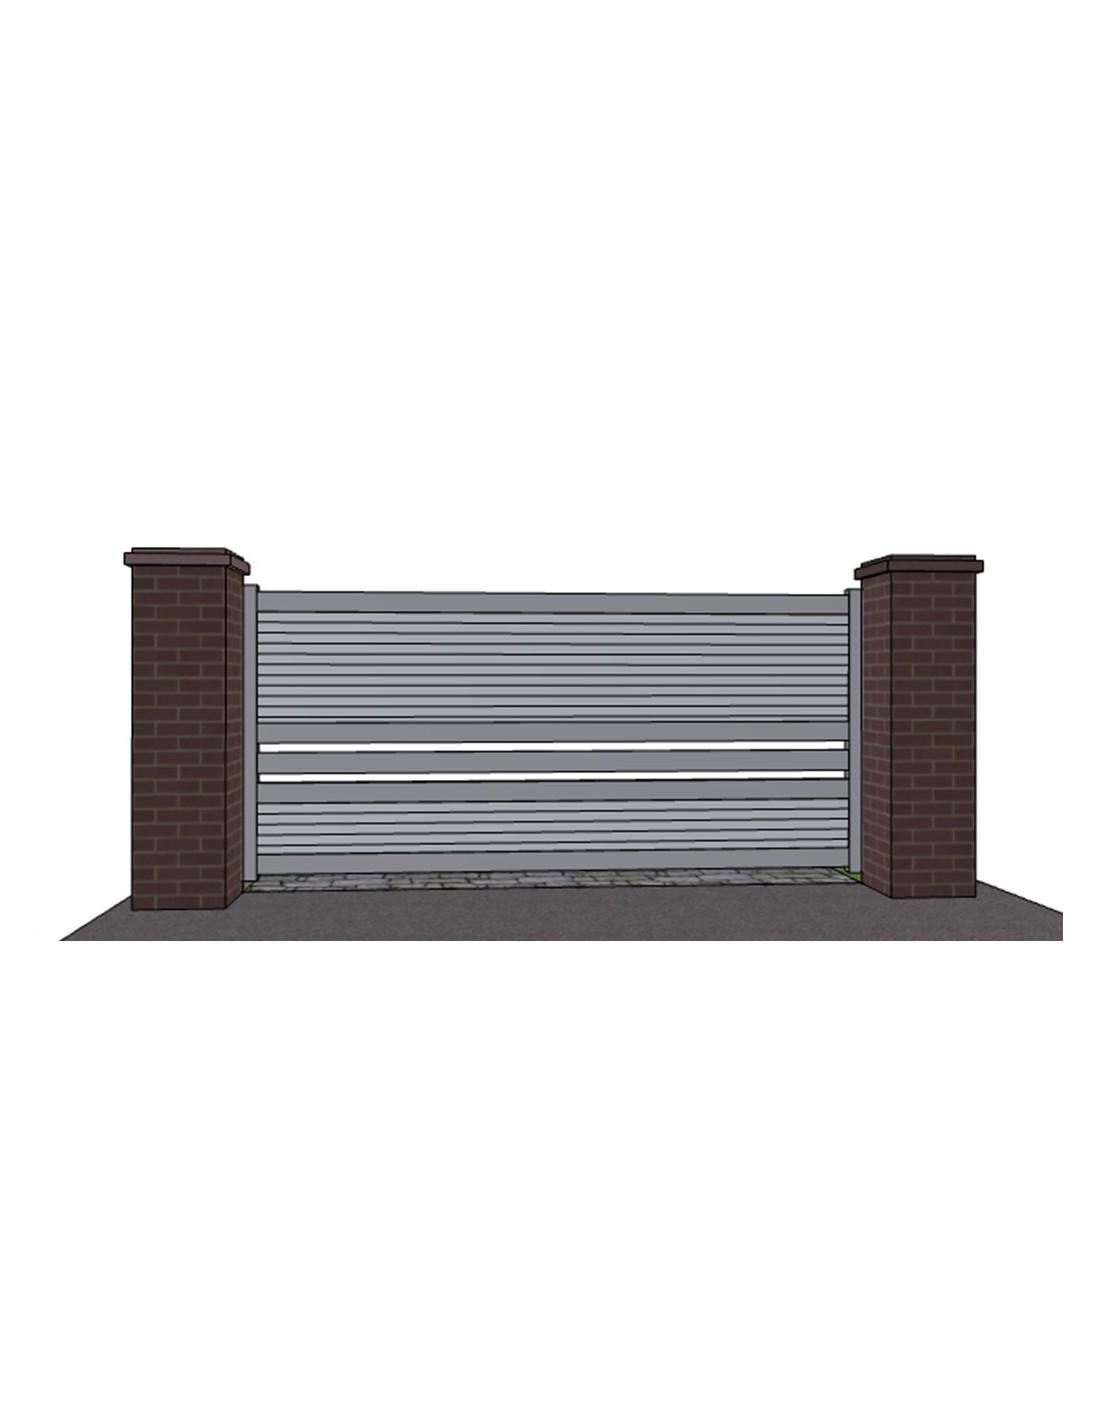 portail alu 3 50 m pose du portail alu rouge en m le blog de fred portail aluminium coulissant. Black Bedroom Furniture Sets. Home Design Ideas